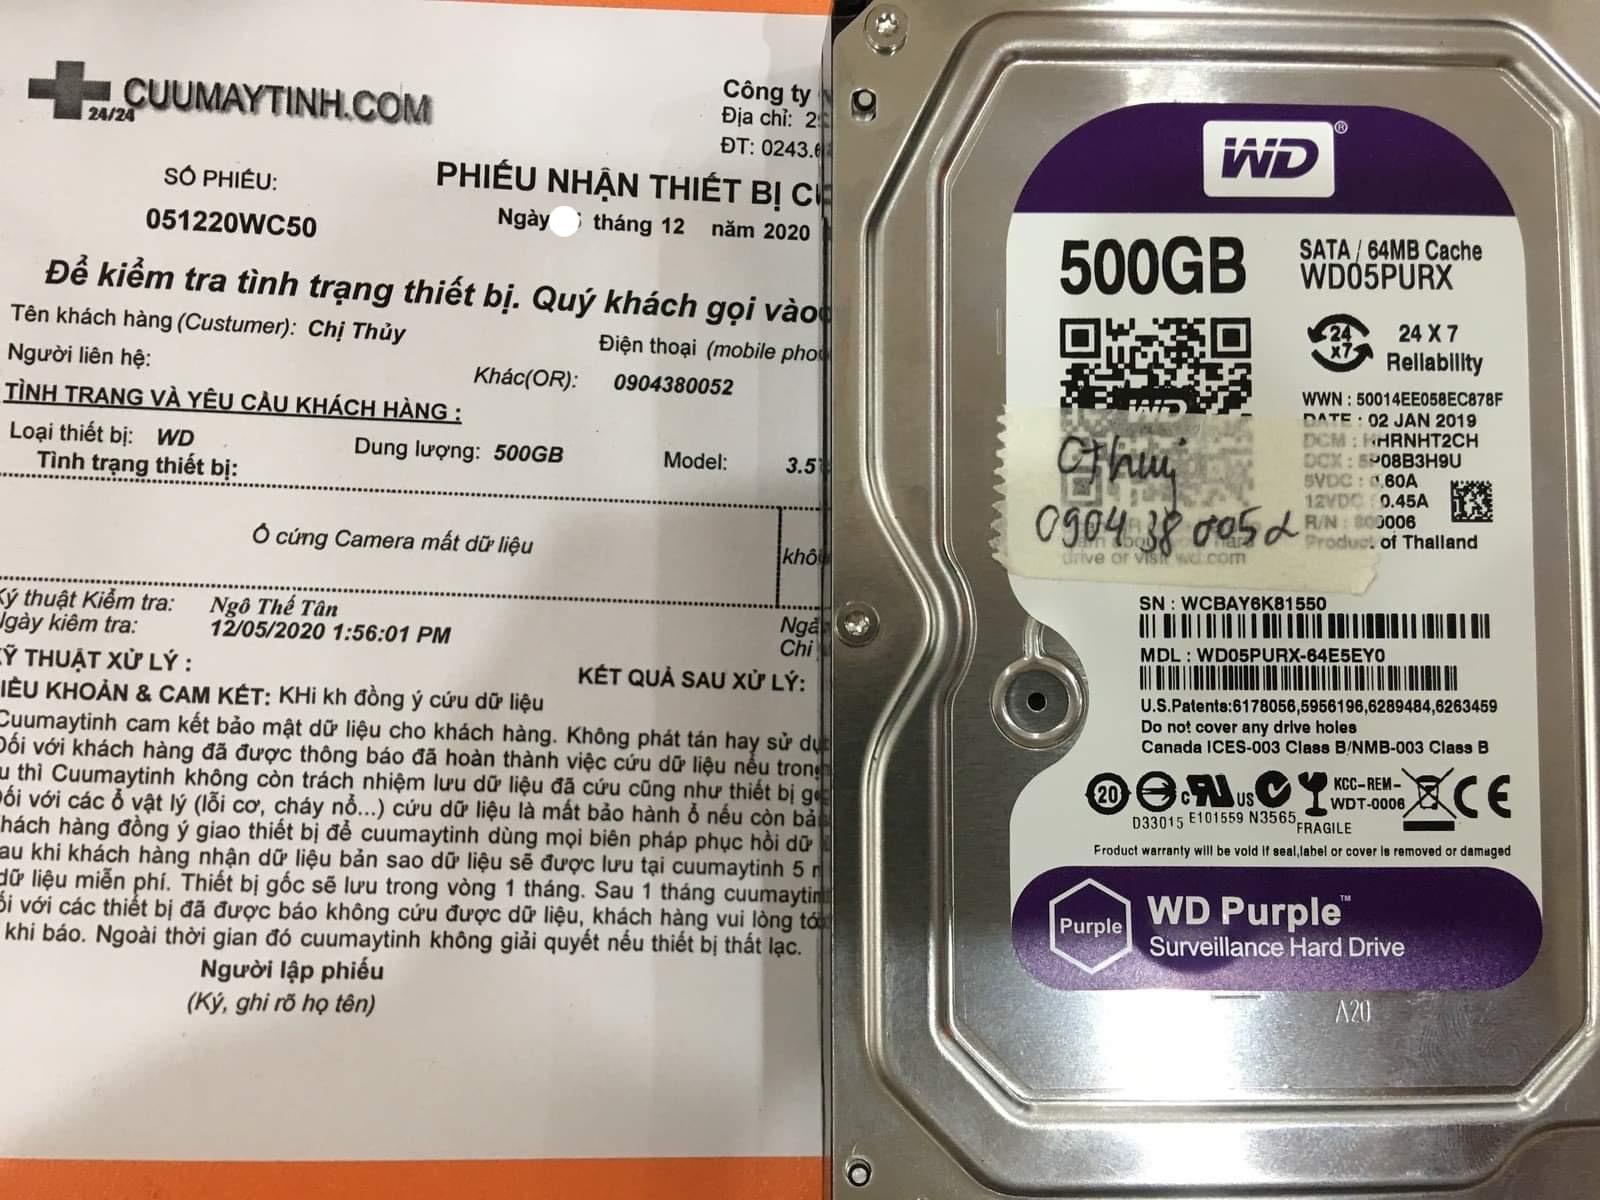 Phục hồi dữ liệu ổ cứng Western 500GB mất dữ liệu - 12/12/2020 - cuumaytinh